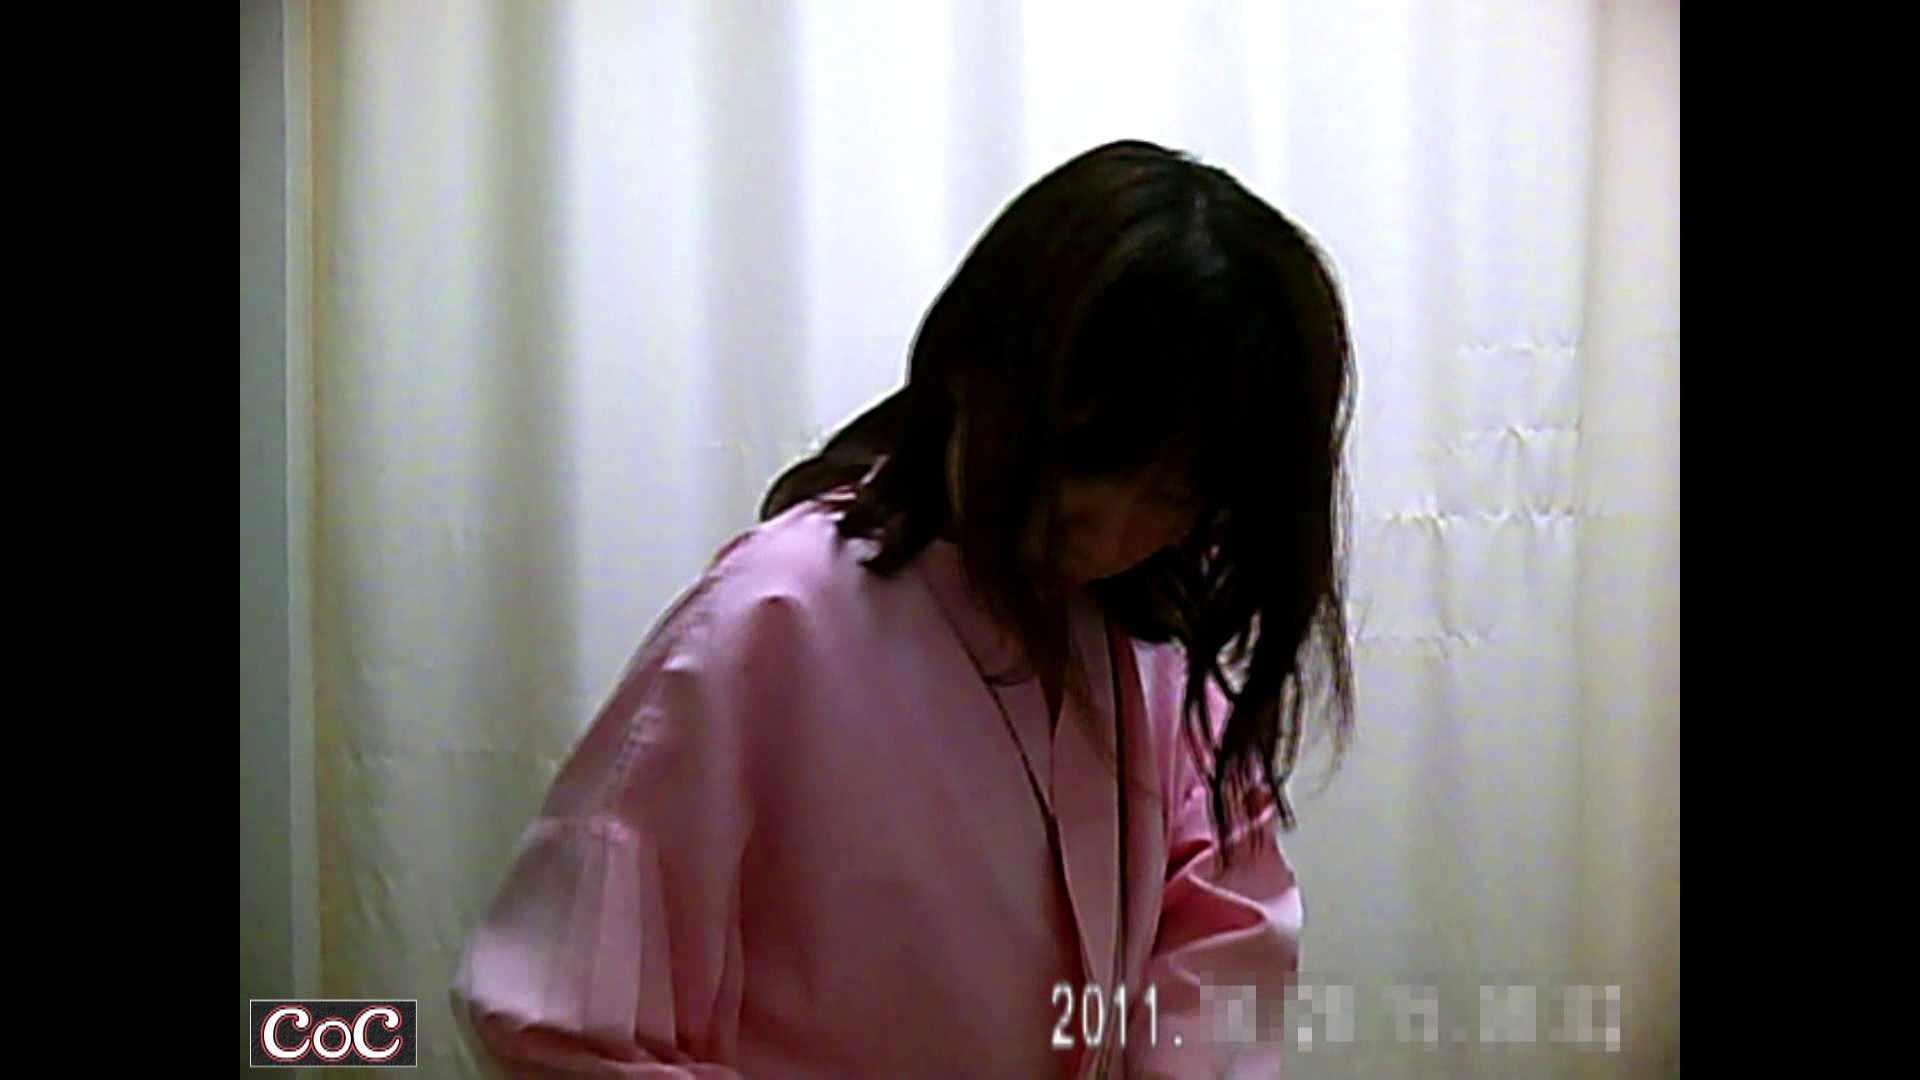 病院おもいっきり着替え! vol.75 巨乳 隠し撮りオマンコ動画紹介 95PIX 95